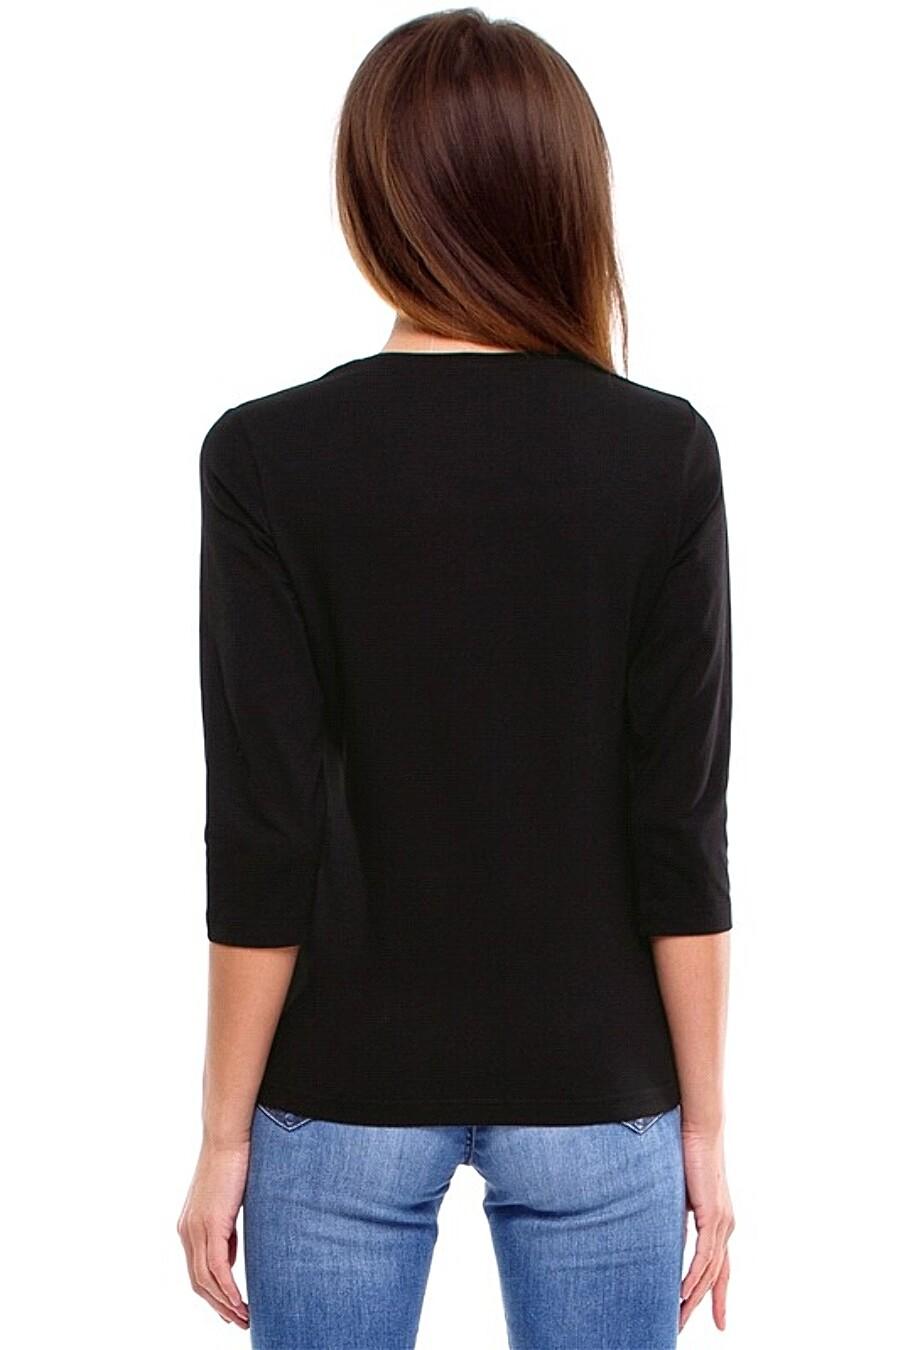 Лонгслив для женщин Archi 261103 купить оптом от производителя. Совместная покупка женской одежды в OptMoyo